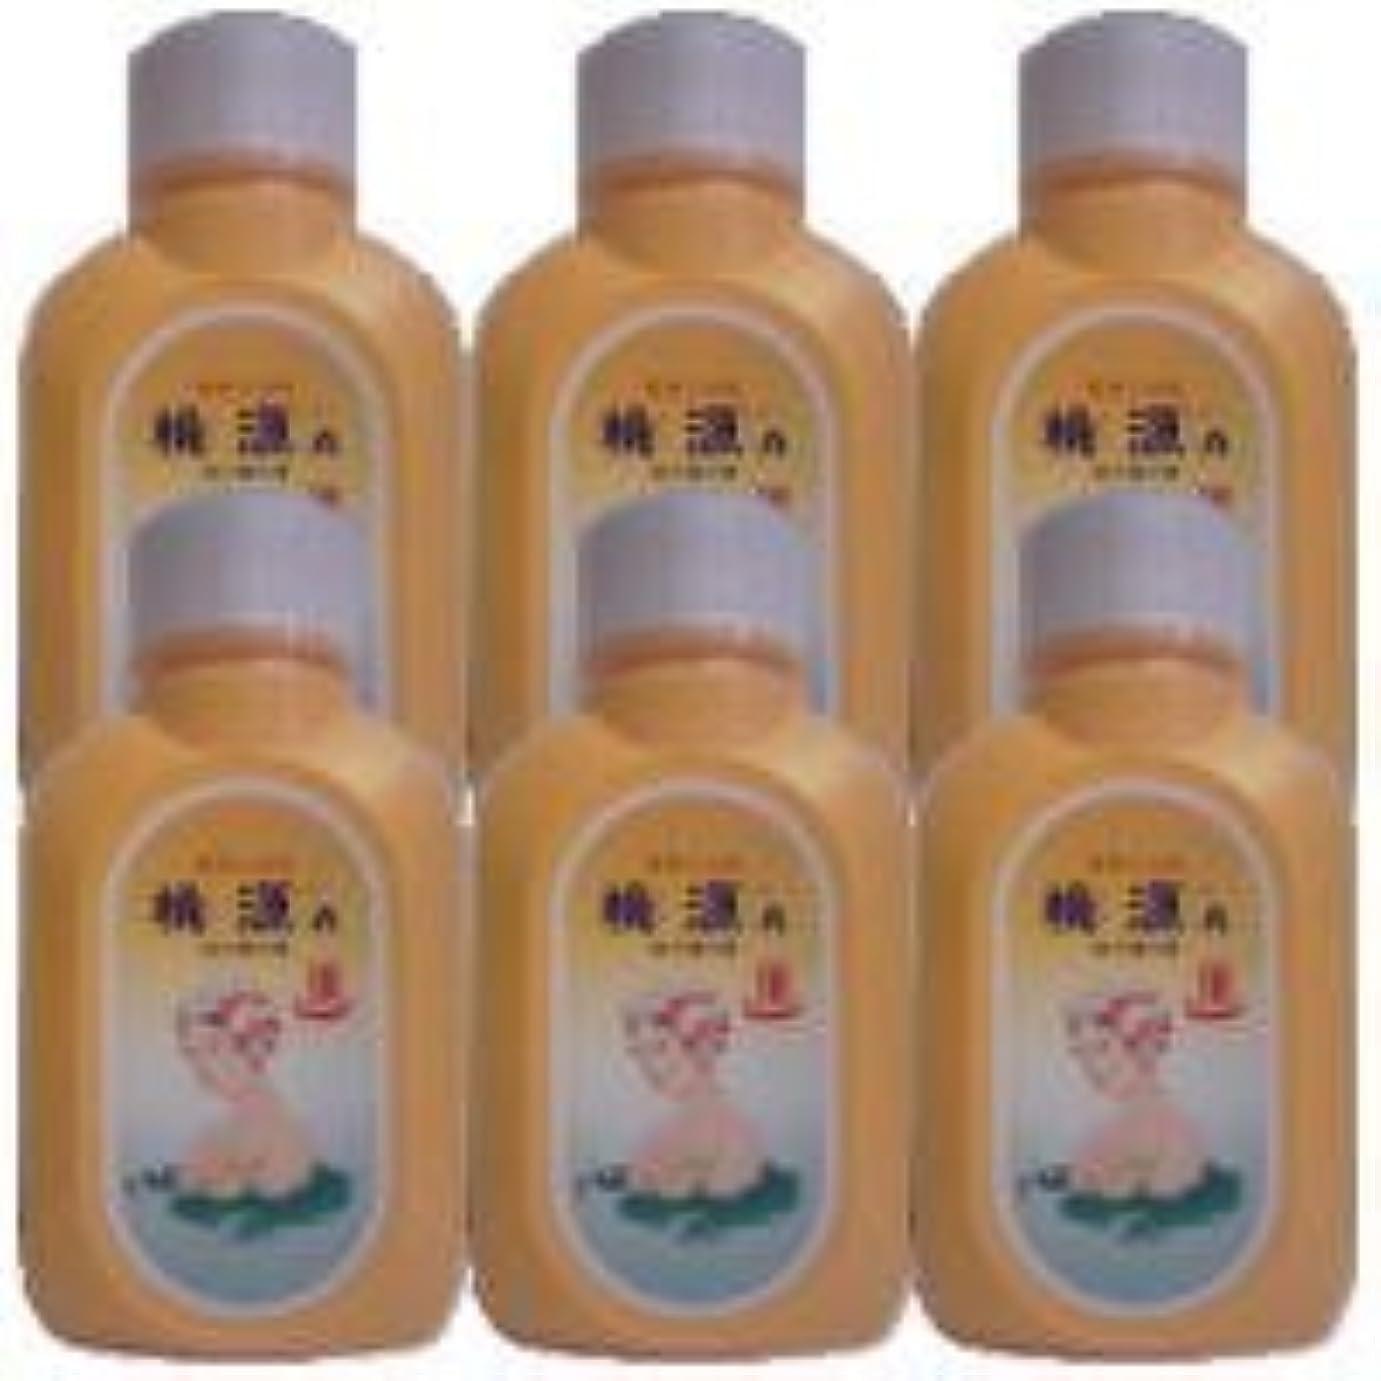 ブラインド蘇生するテメリティ桃源 桃の葉の精 700g(オレンジ) 6個